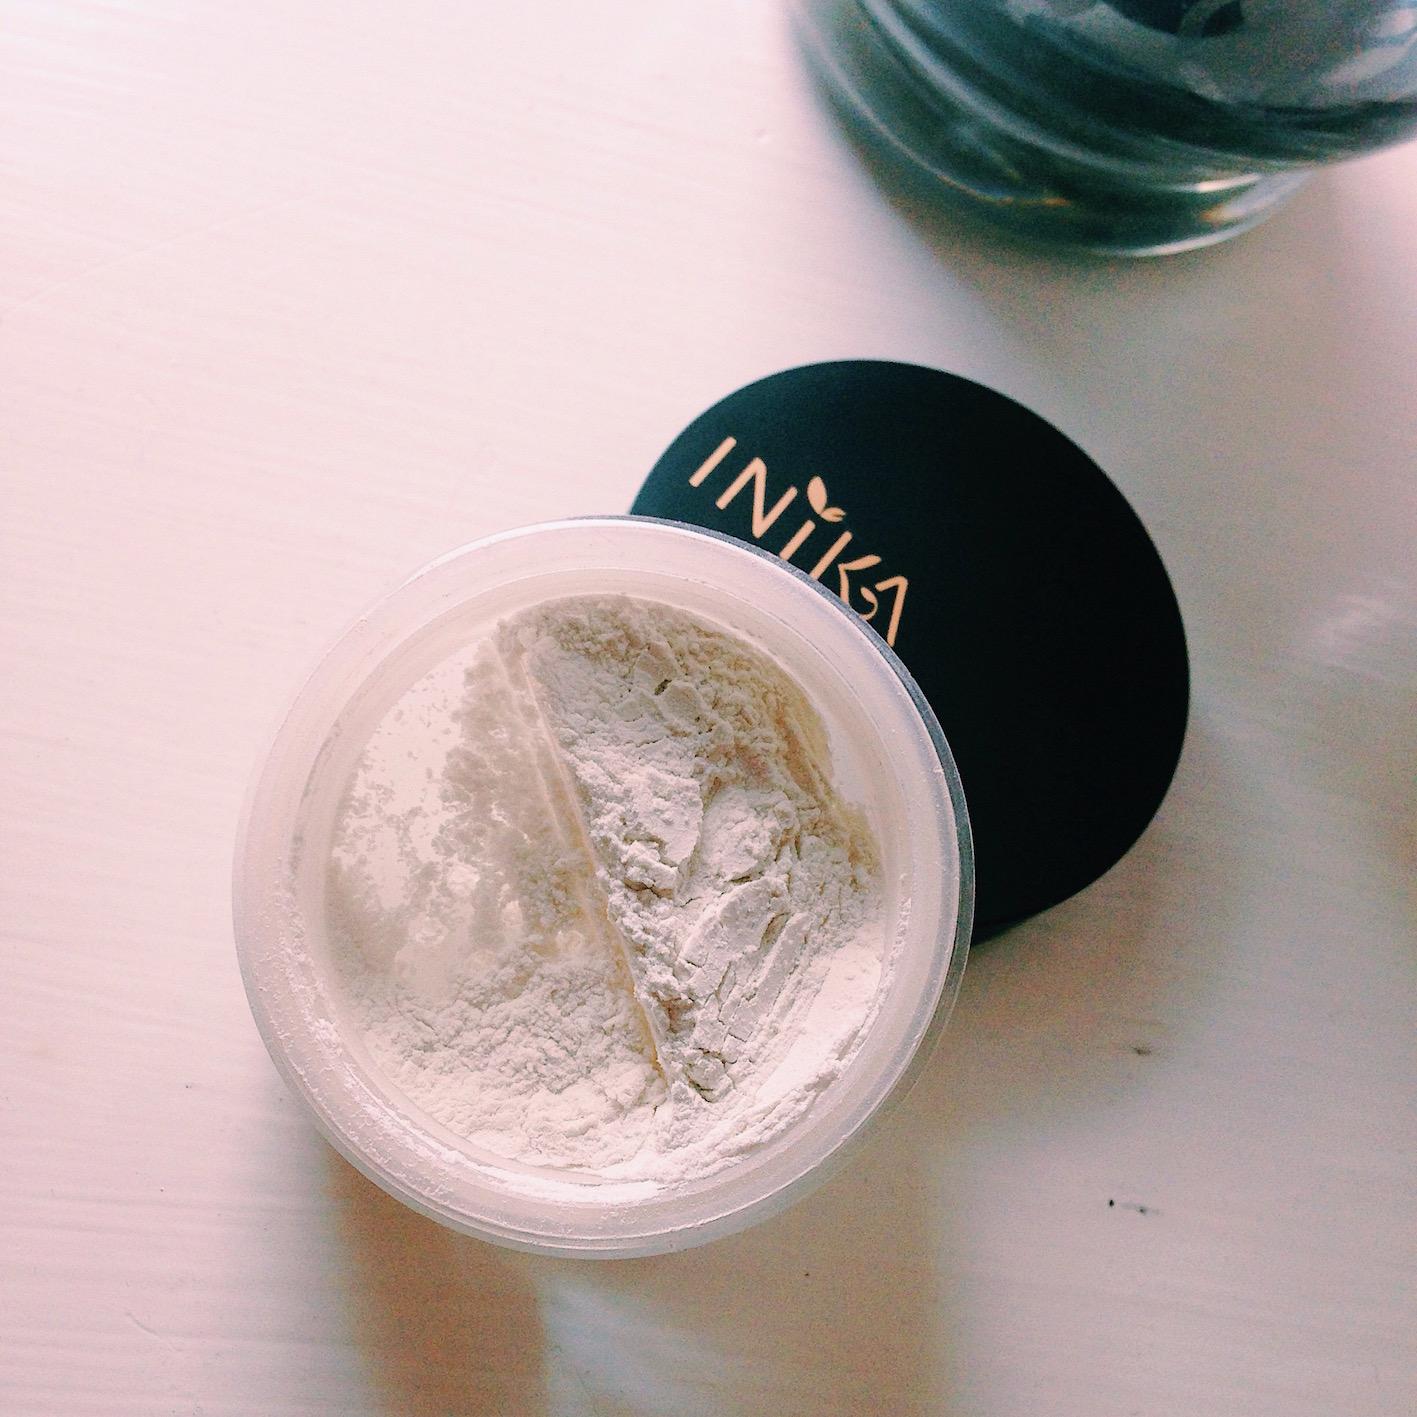 Mattifying Powder - INIKA Organic